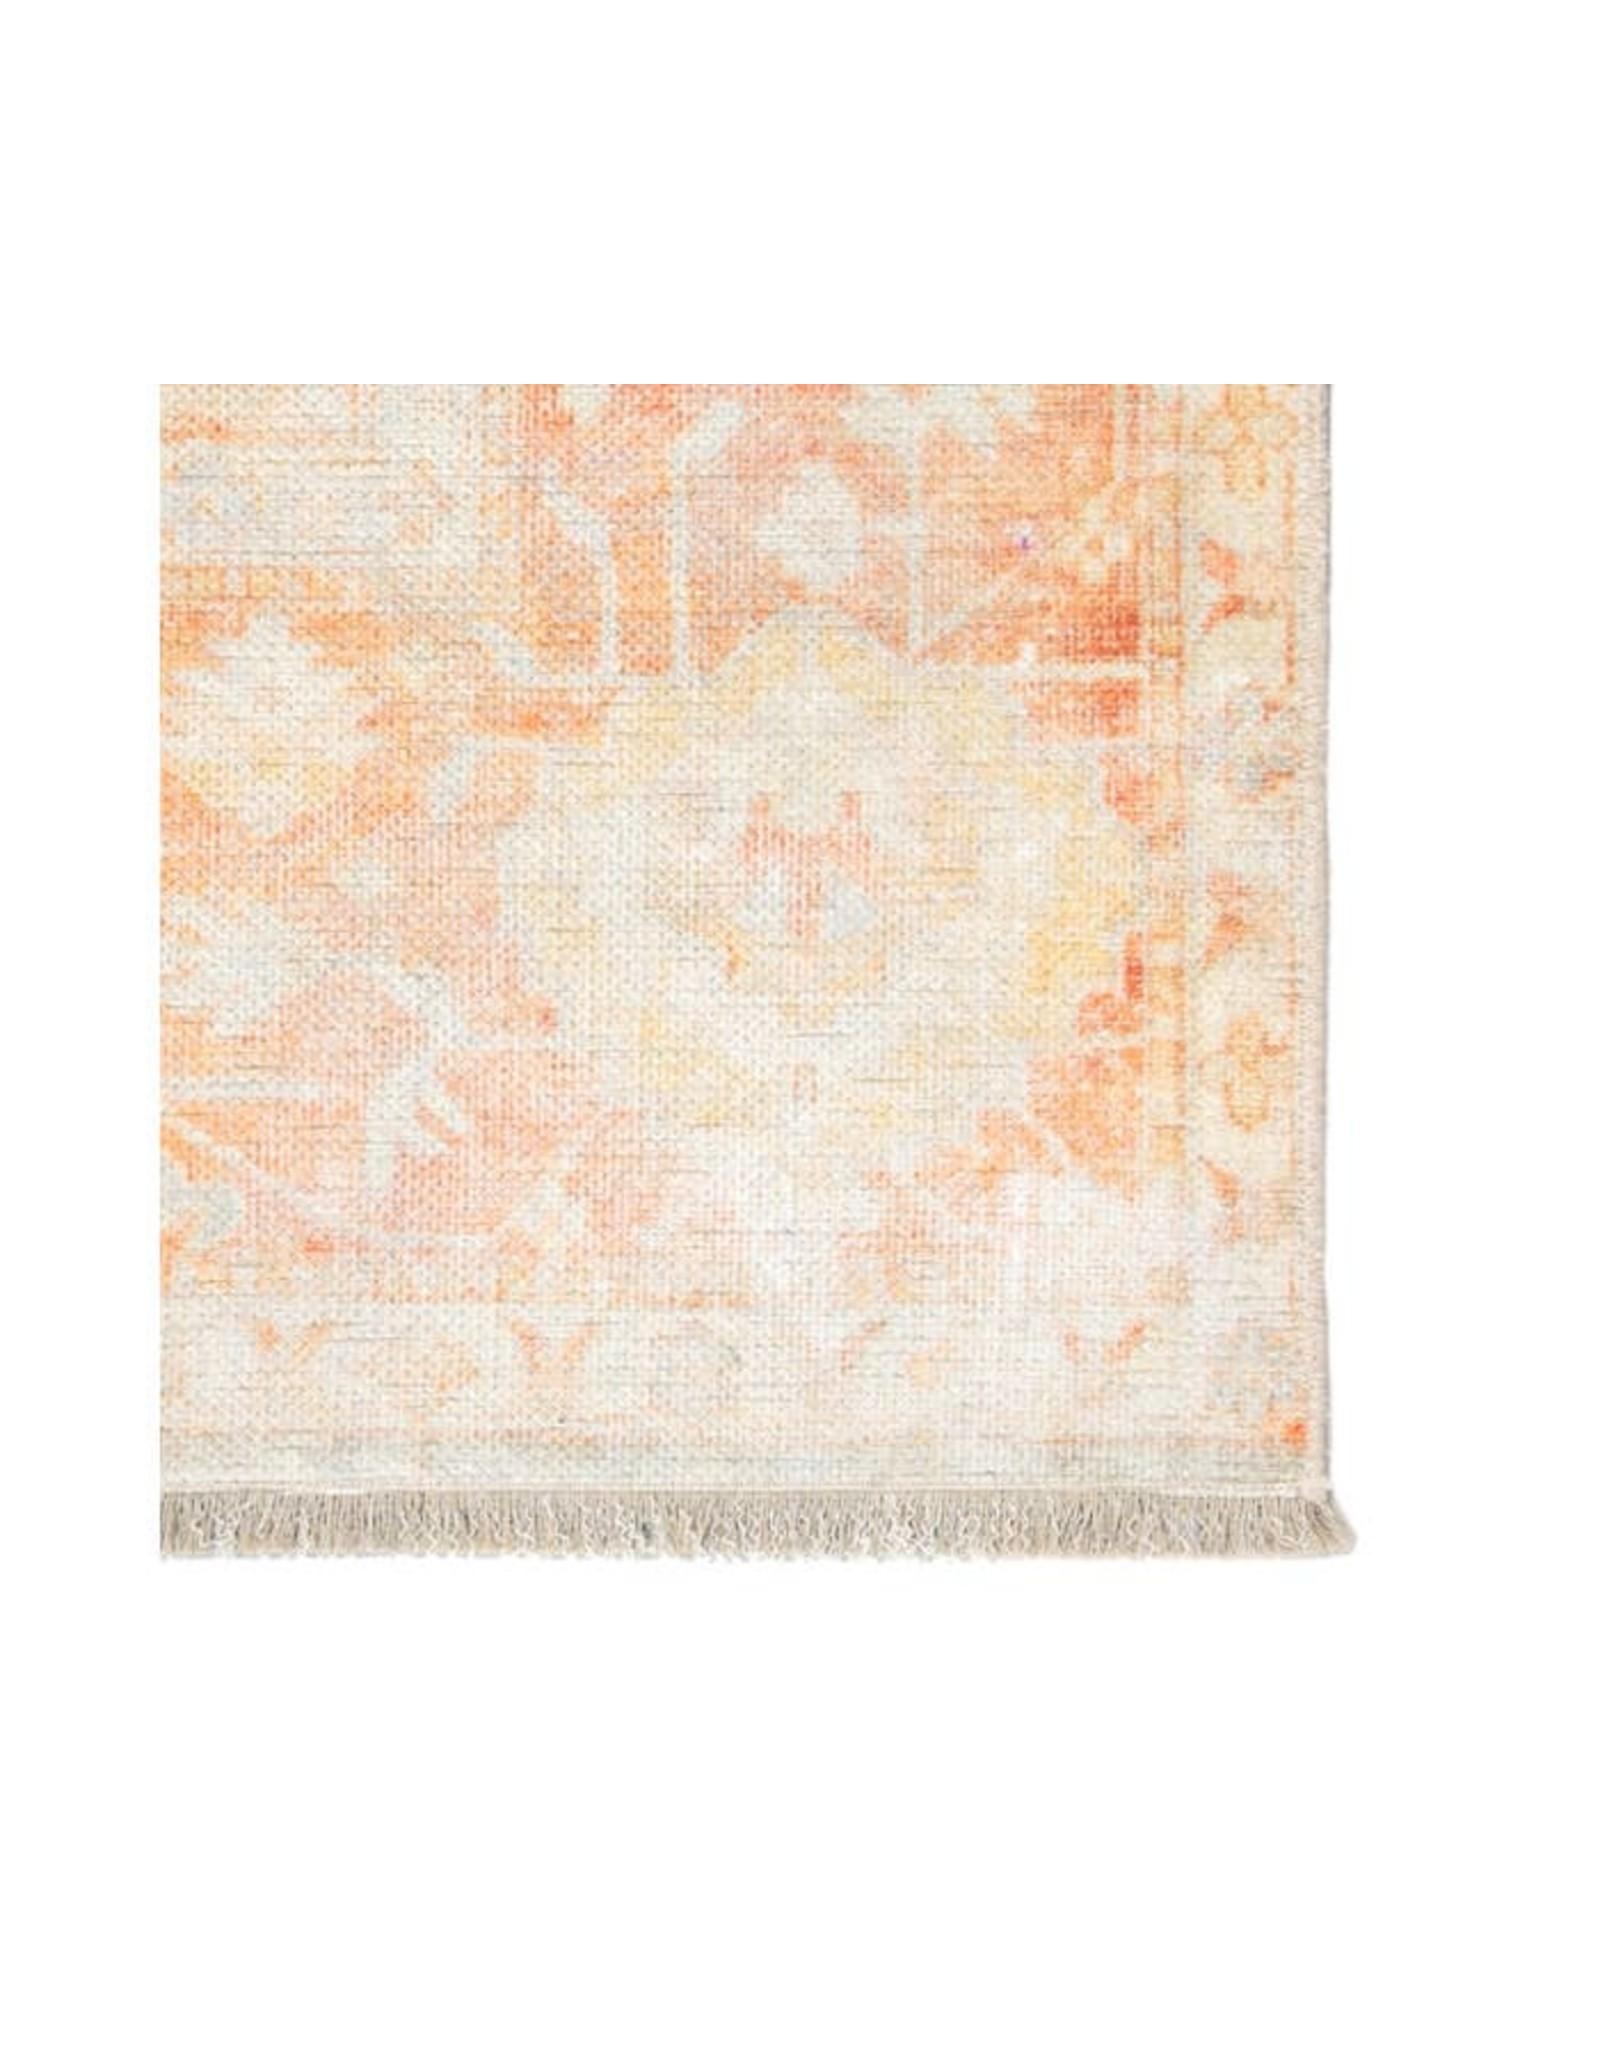 Oak + Arrow Interiors BOHEME 02 - 6' x 9'